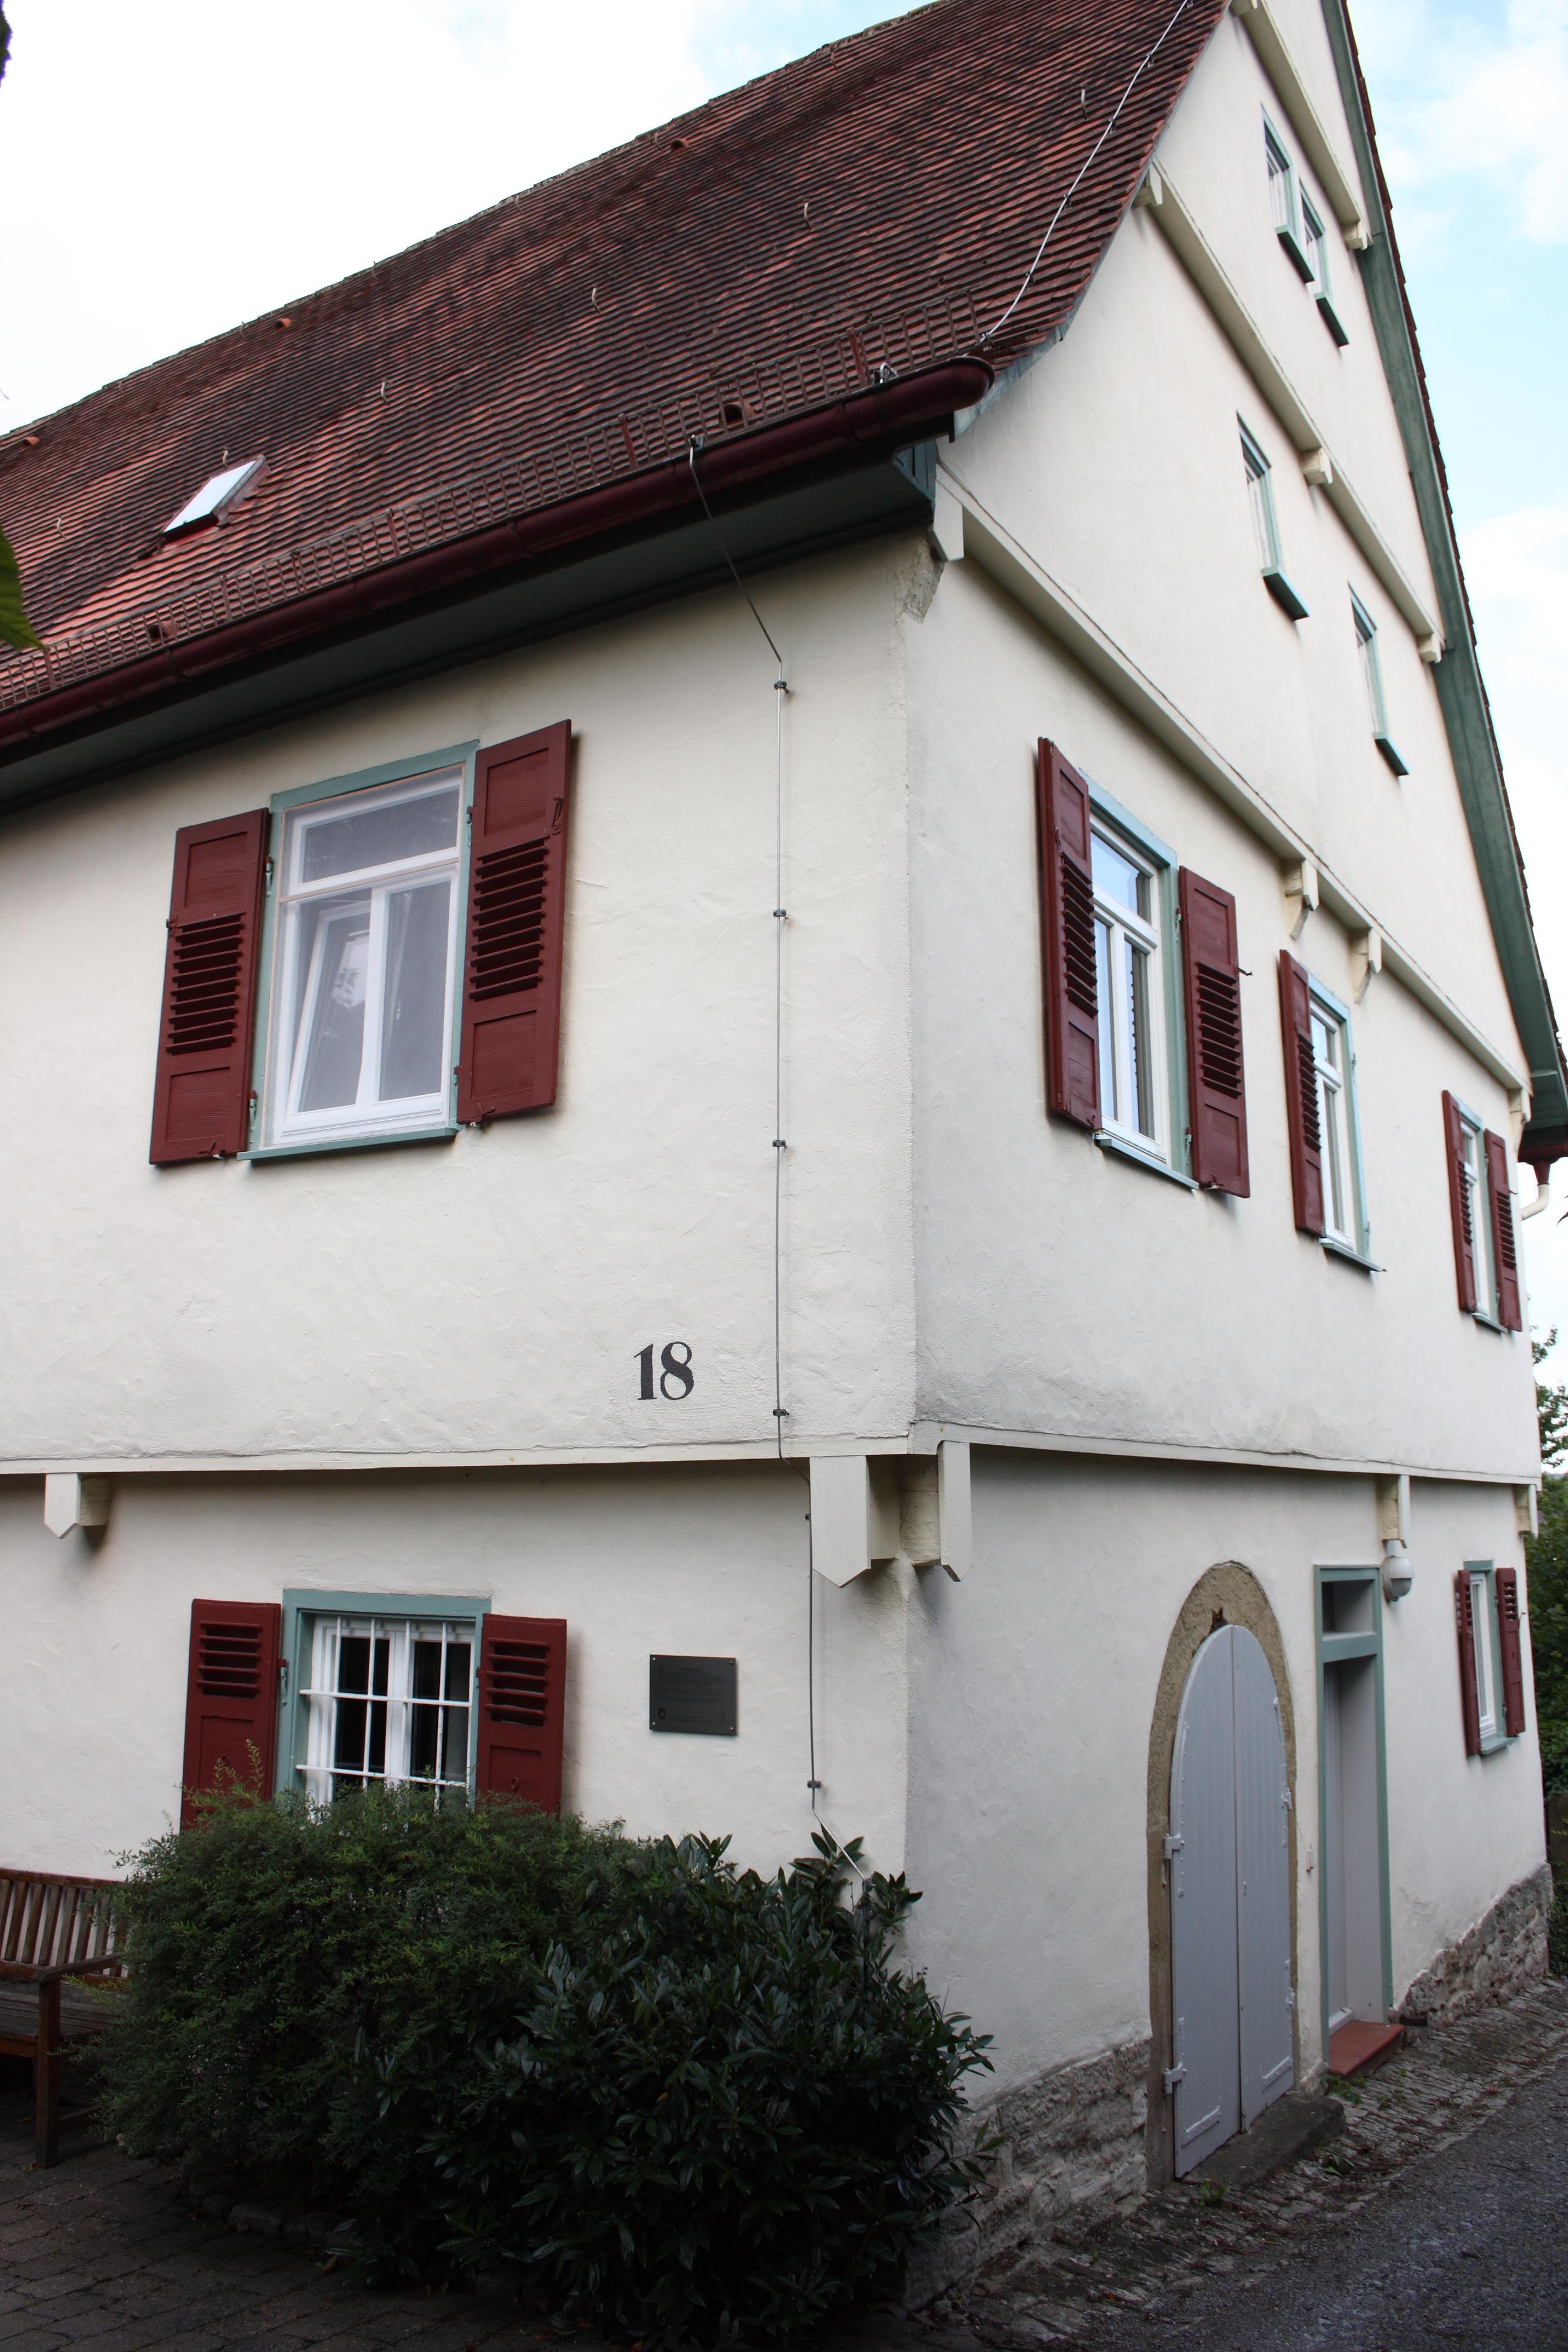 Single sachsenheim Lurchis Abenteuer Single in Baden-Württemberg - Sachsenheim, eBay Kleinanzeigen